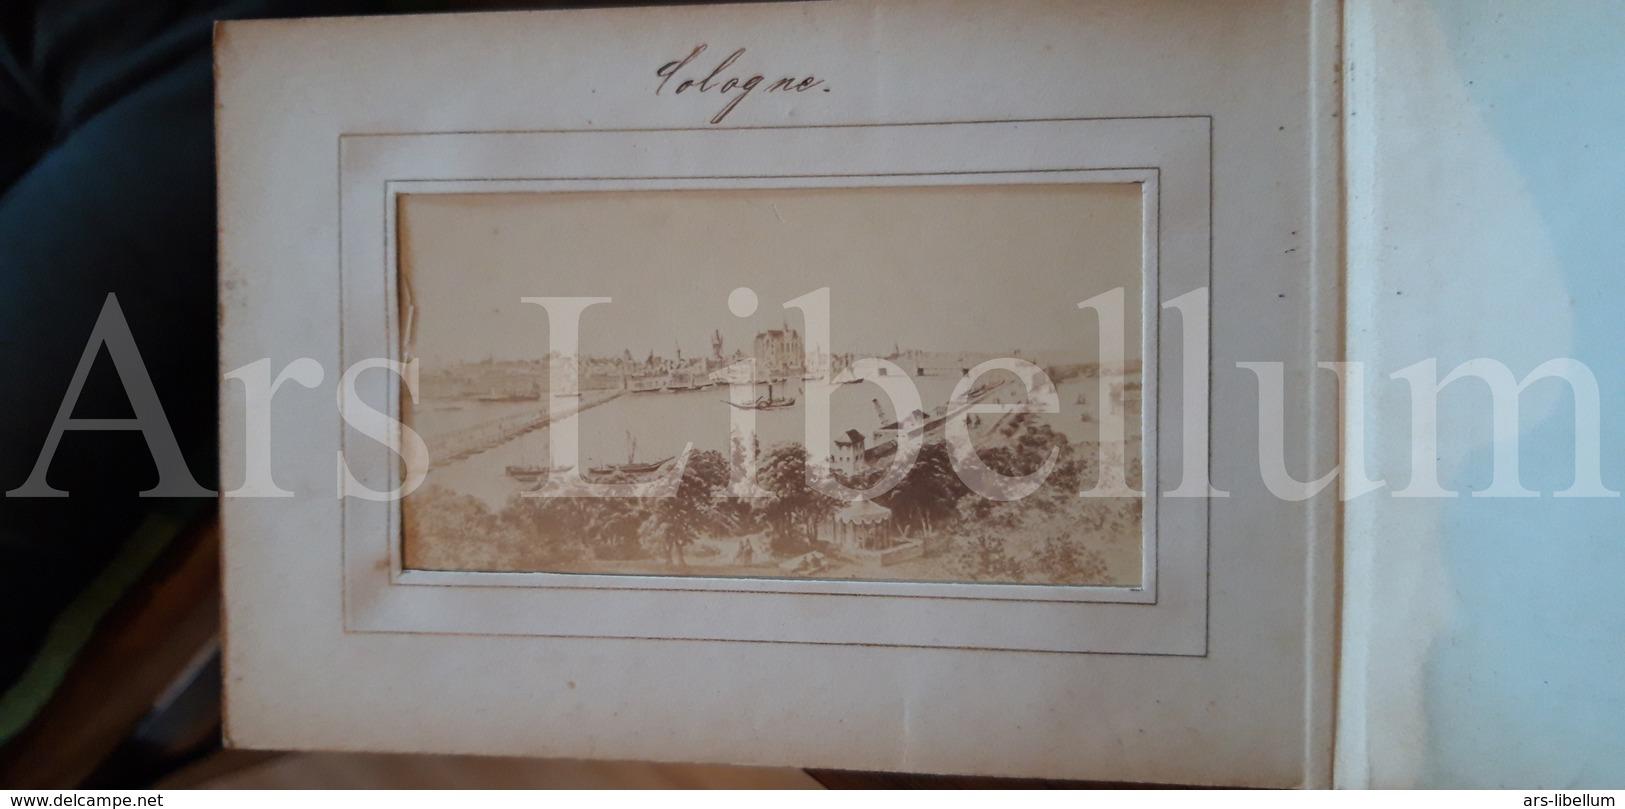 Album / Photo-carte De Visite / 12 CDV's / Rhein Album / Size: 10,70 X 15 Cm. / Antique / Deutschland /  Rheinland-Pfalz - Albums & Collections